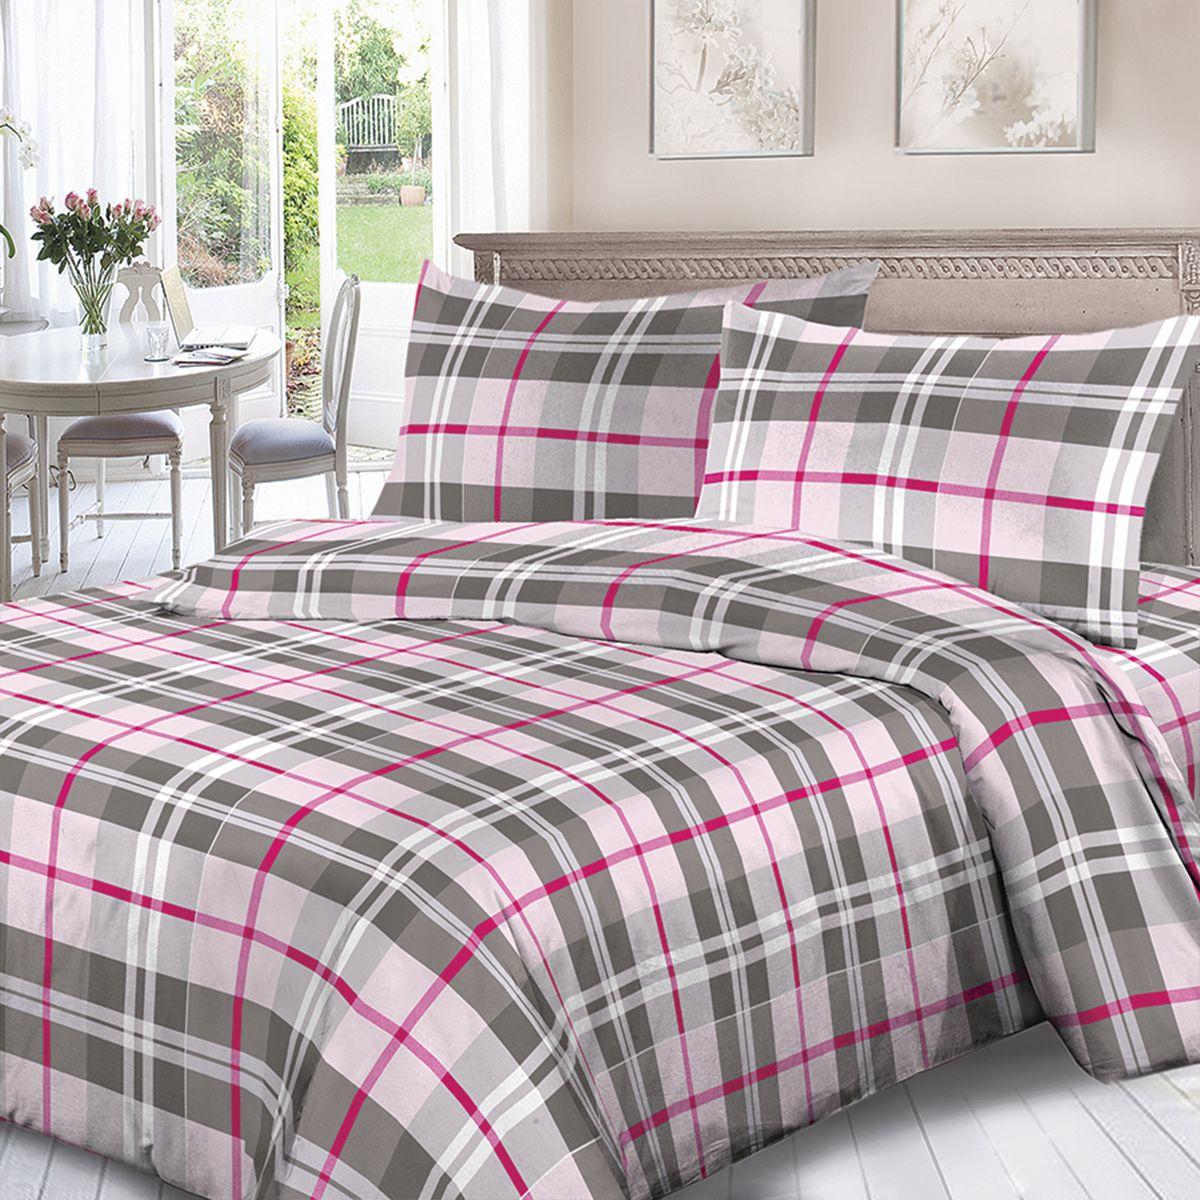 Комплект белья Для Снов Каро, 2-х спальное, наволочки 70x70, цвет: розовый. 1667-186490